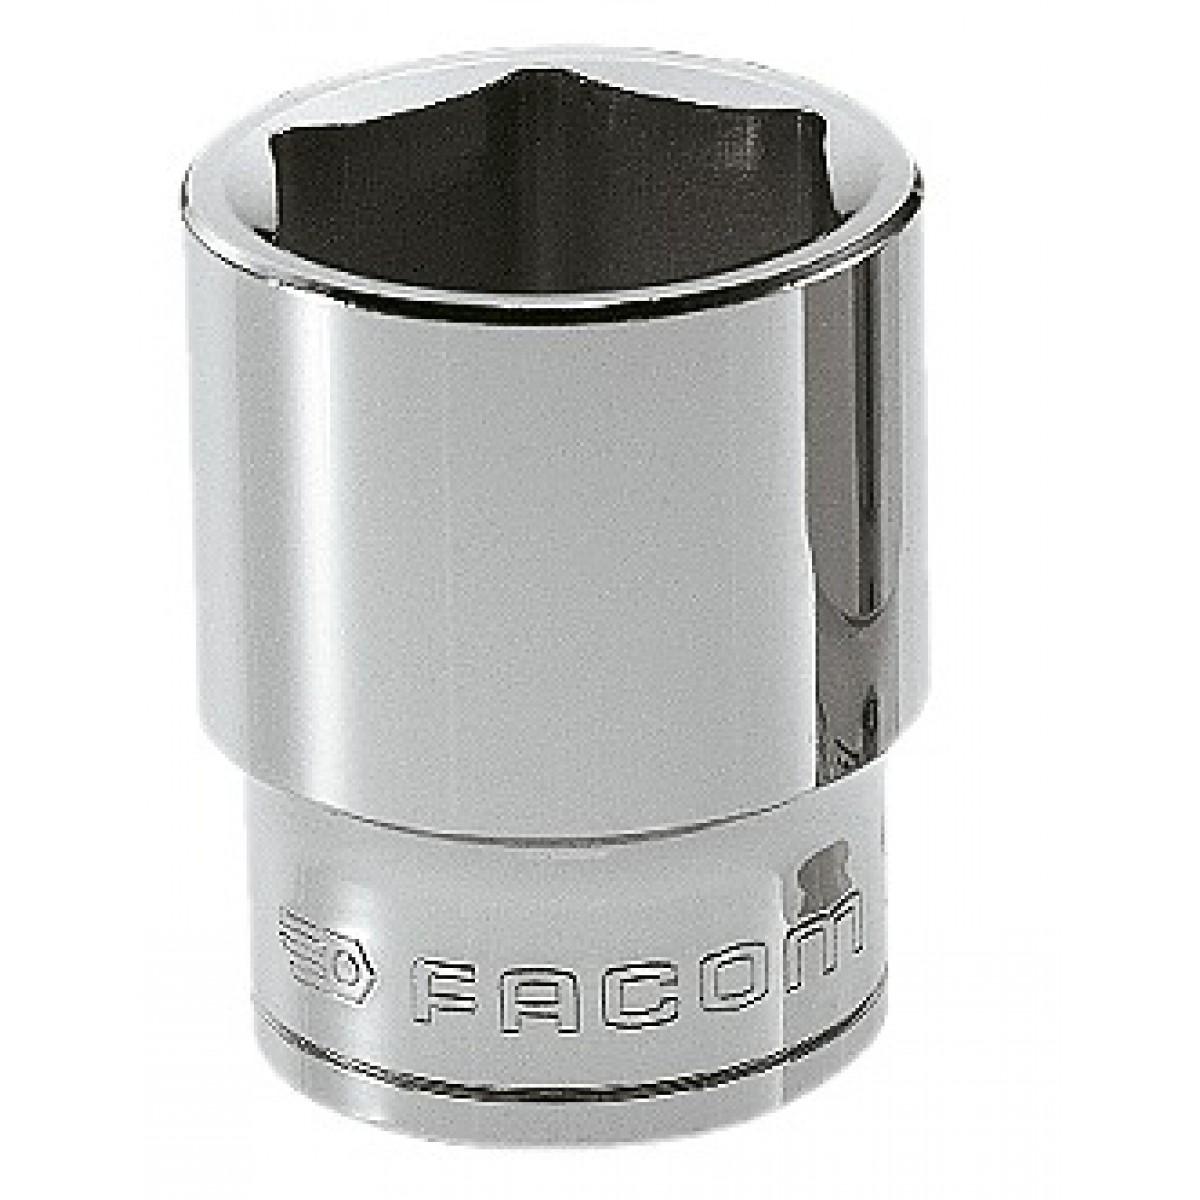 """Douille 6 pans OGV Standard 1/2"""" Facom - 34 mm"""